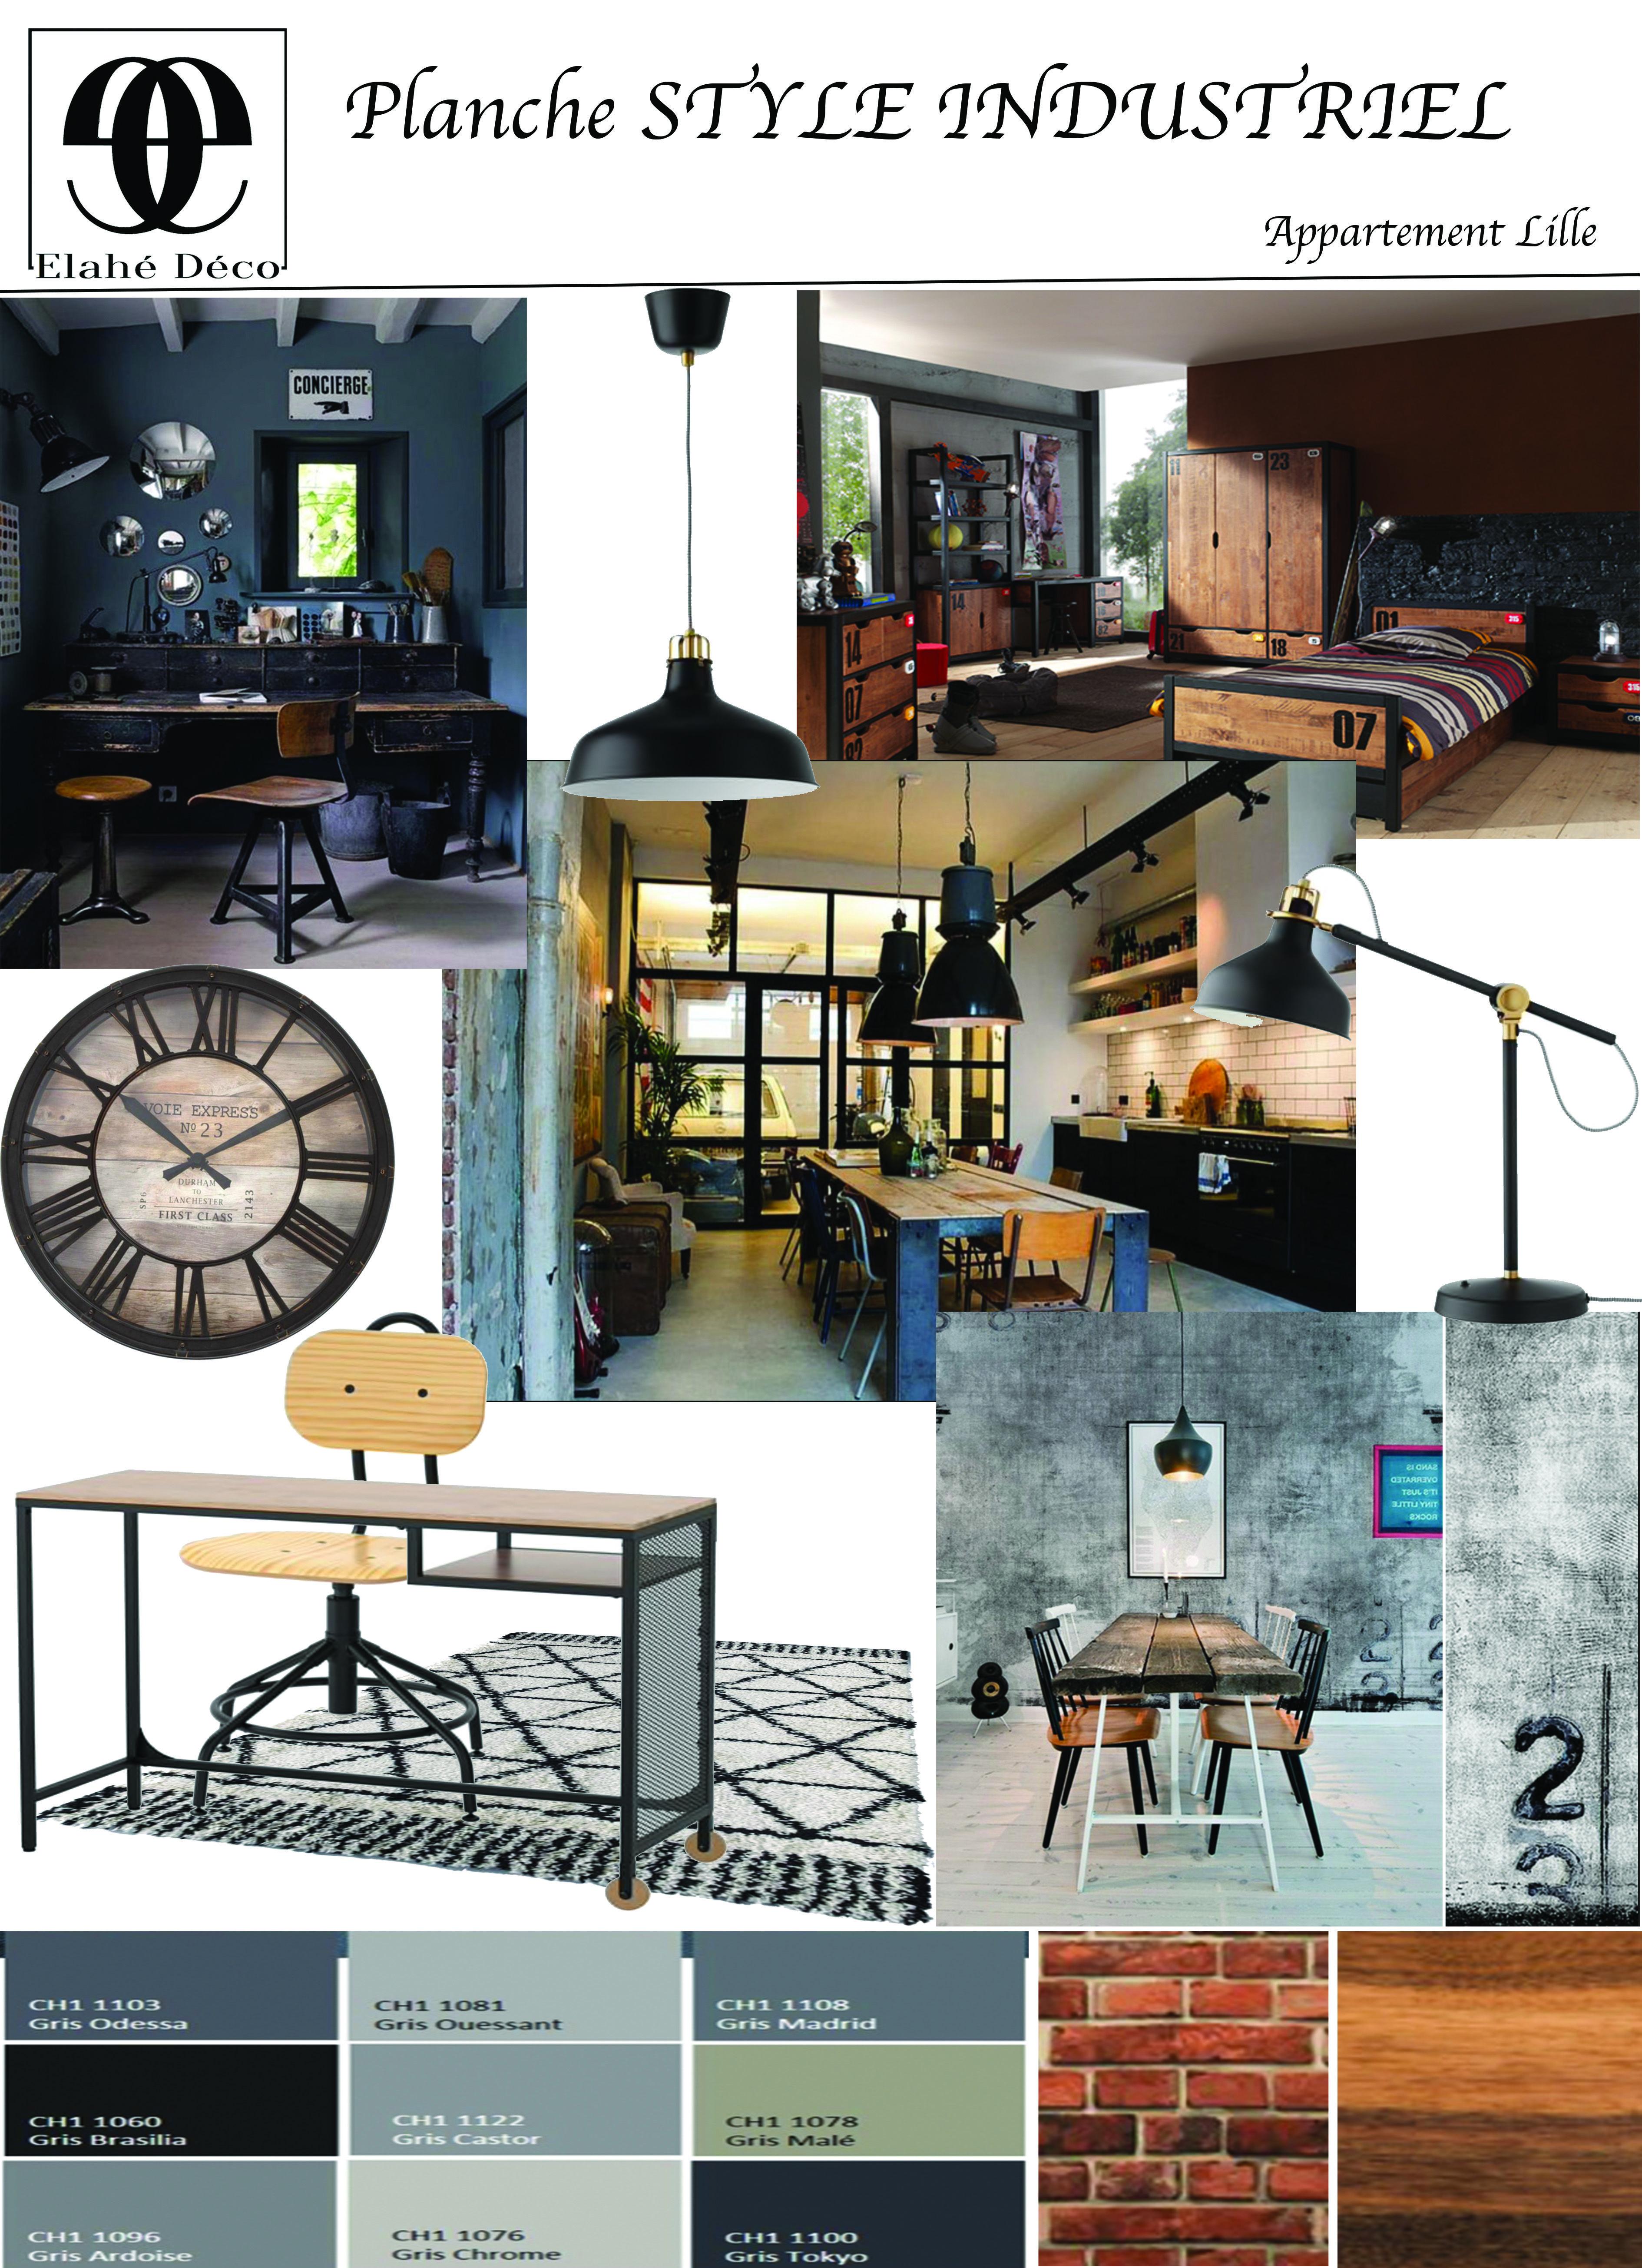 Elahe Deco Enregistree Dans Style Industriel Decoration Et Amenagement Interieur Planche D Ambiance Deco Style Industriel Deco Loft Industriel Design Despace